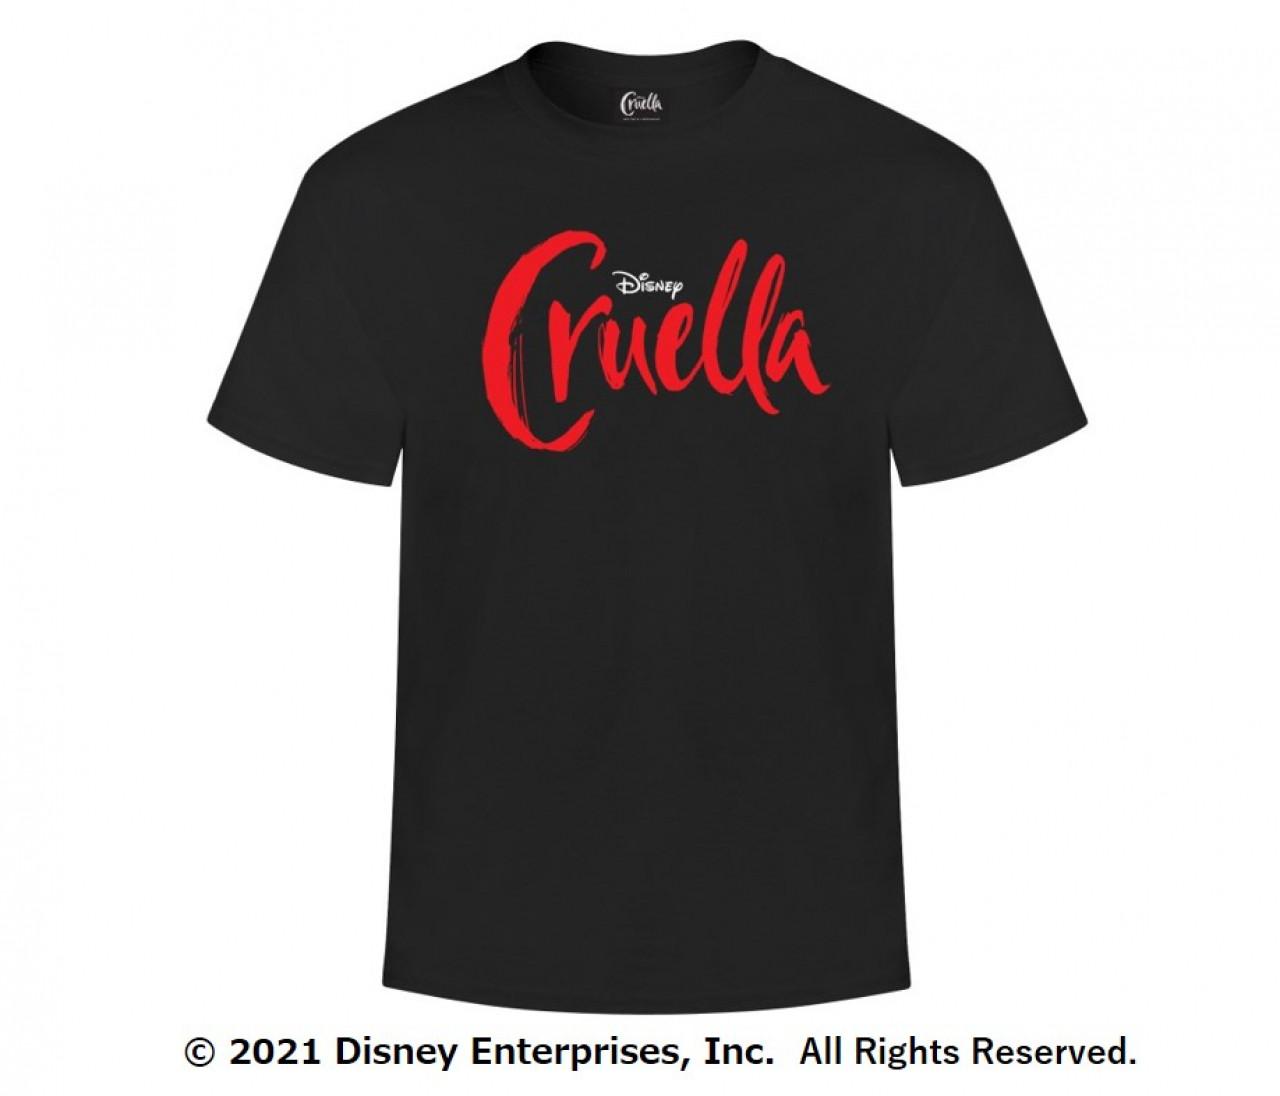 【BAILA公式Twitterフォロー&リツイートキャンペーン】ディズニー最新作『クルエラ』Tシャツを3名様にプレゼント!